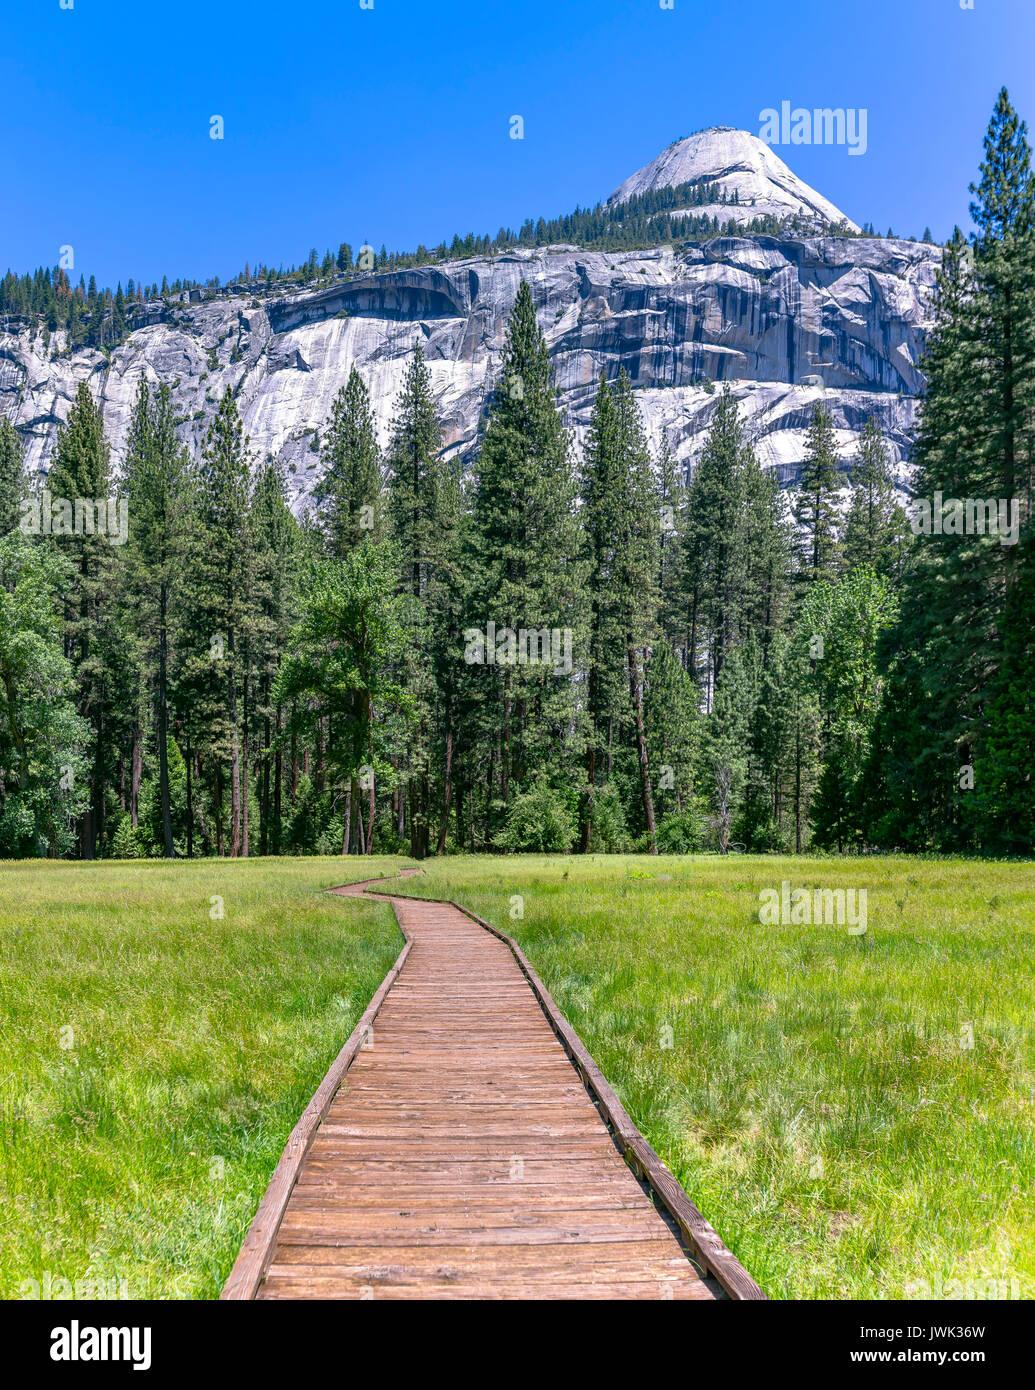 Ruta de paso de madera en las praderas de Yosemite. Esta ruta te lleva a través de la pradera donde hay mucha agua estancada Foto de stock